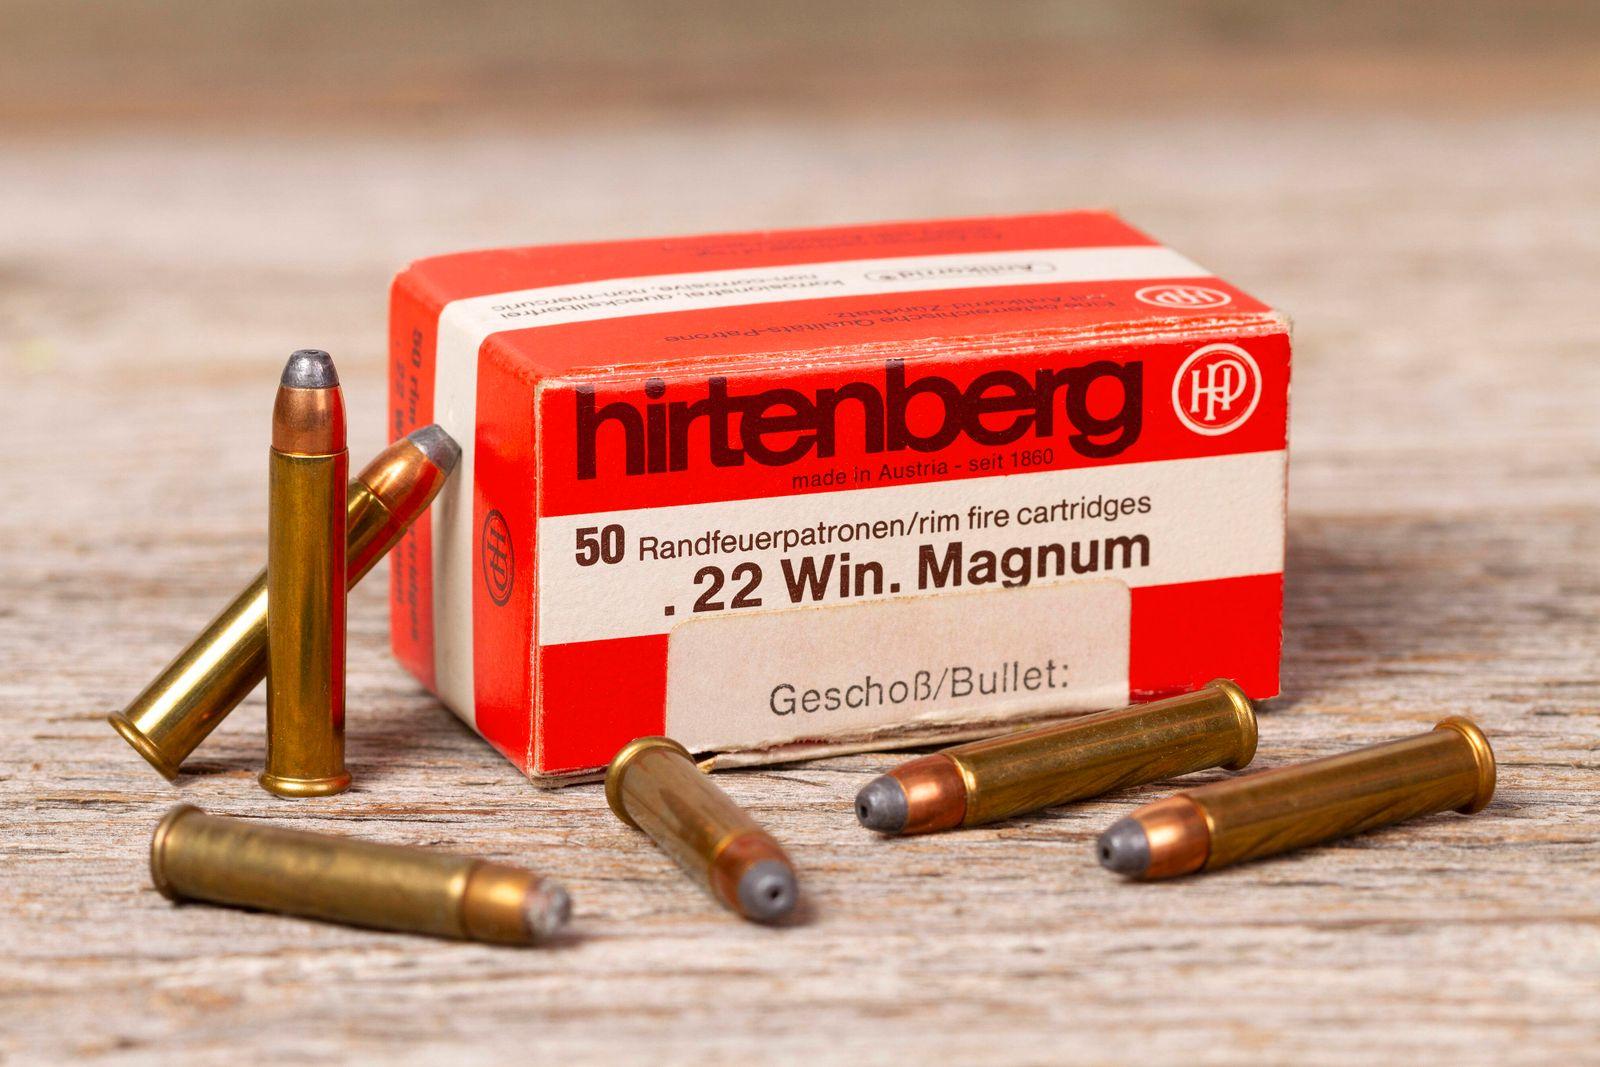 Hirtenberger Patronen, Randfeuerpatronen *** Hirtenberger cartridges, rimfire cartridges 1065519367